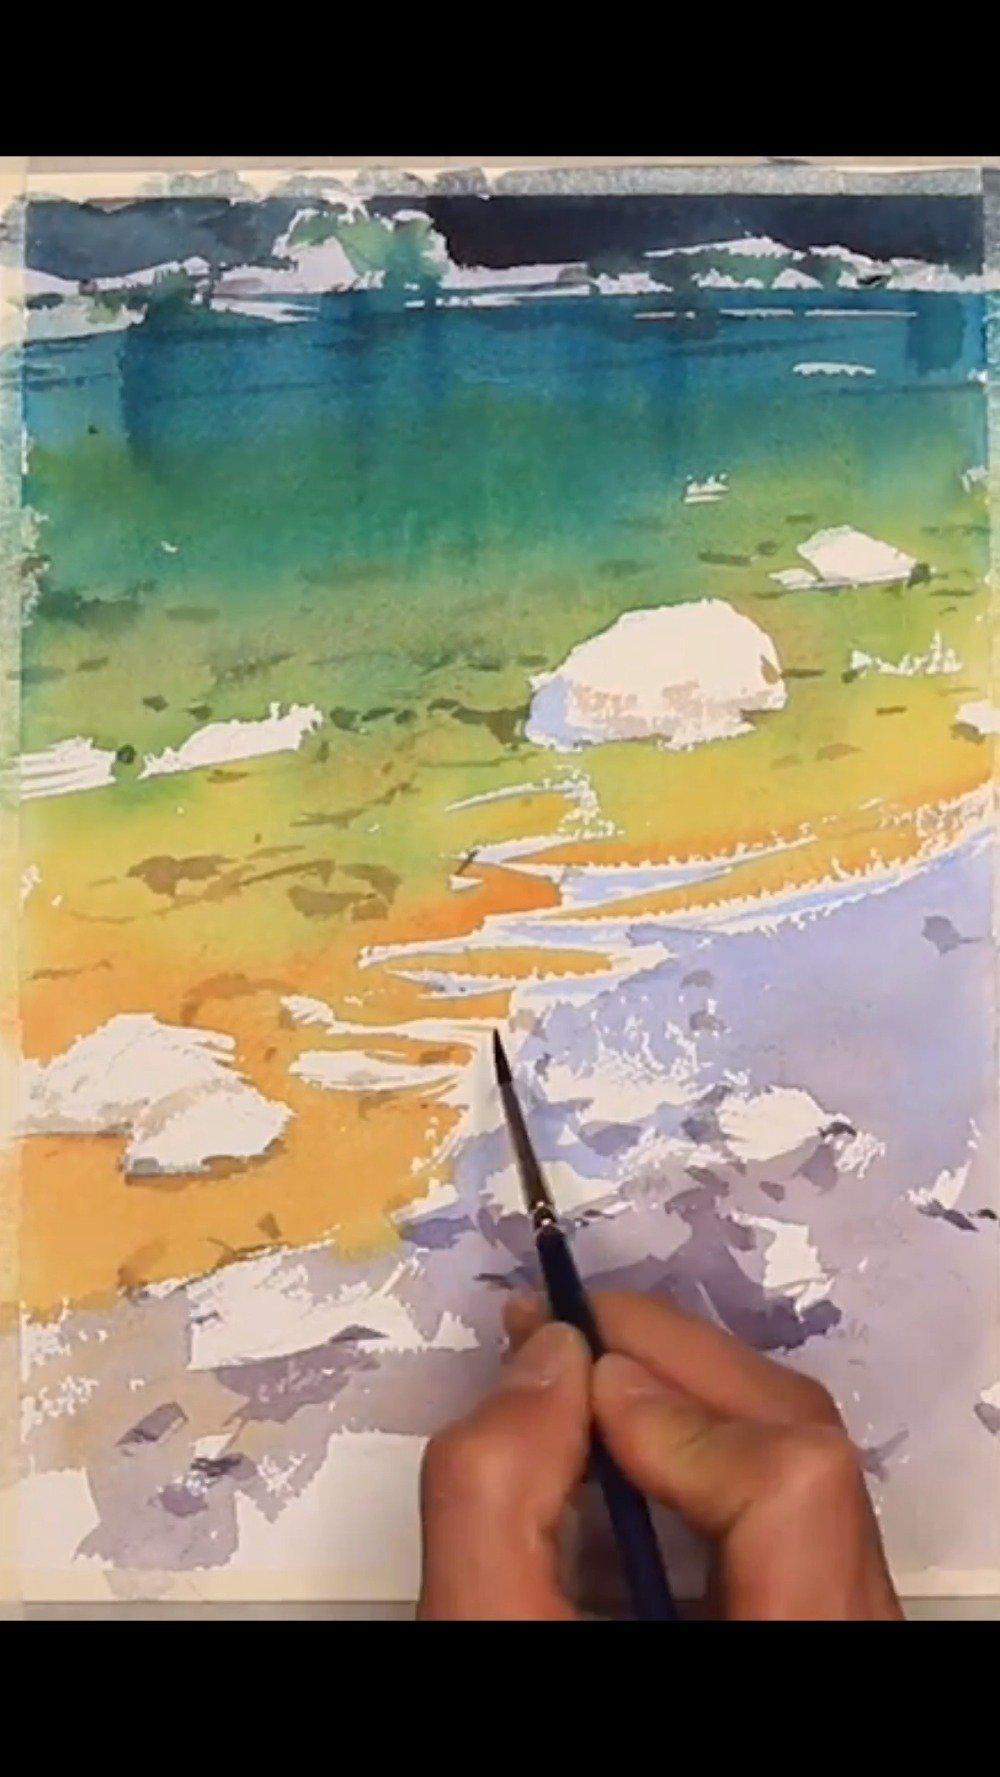 学会如何用水彩画出溪流石滩